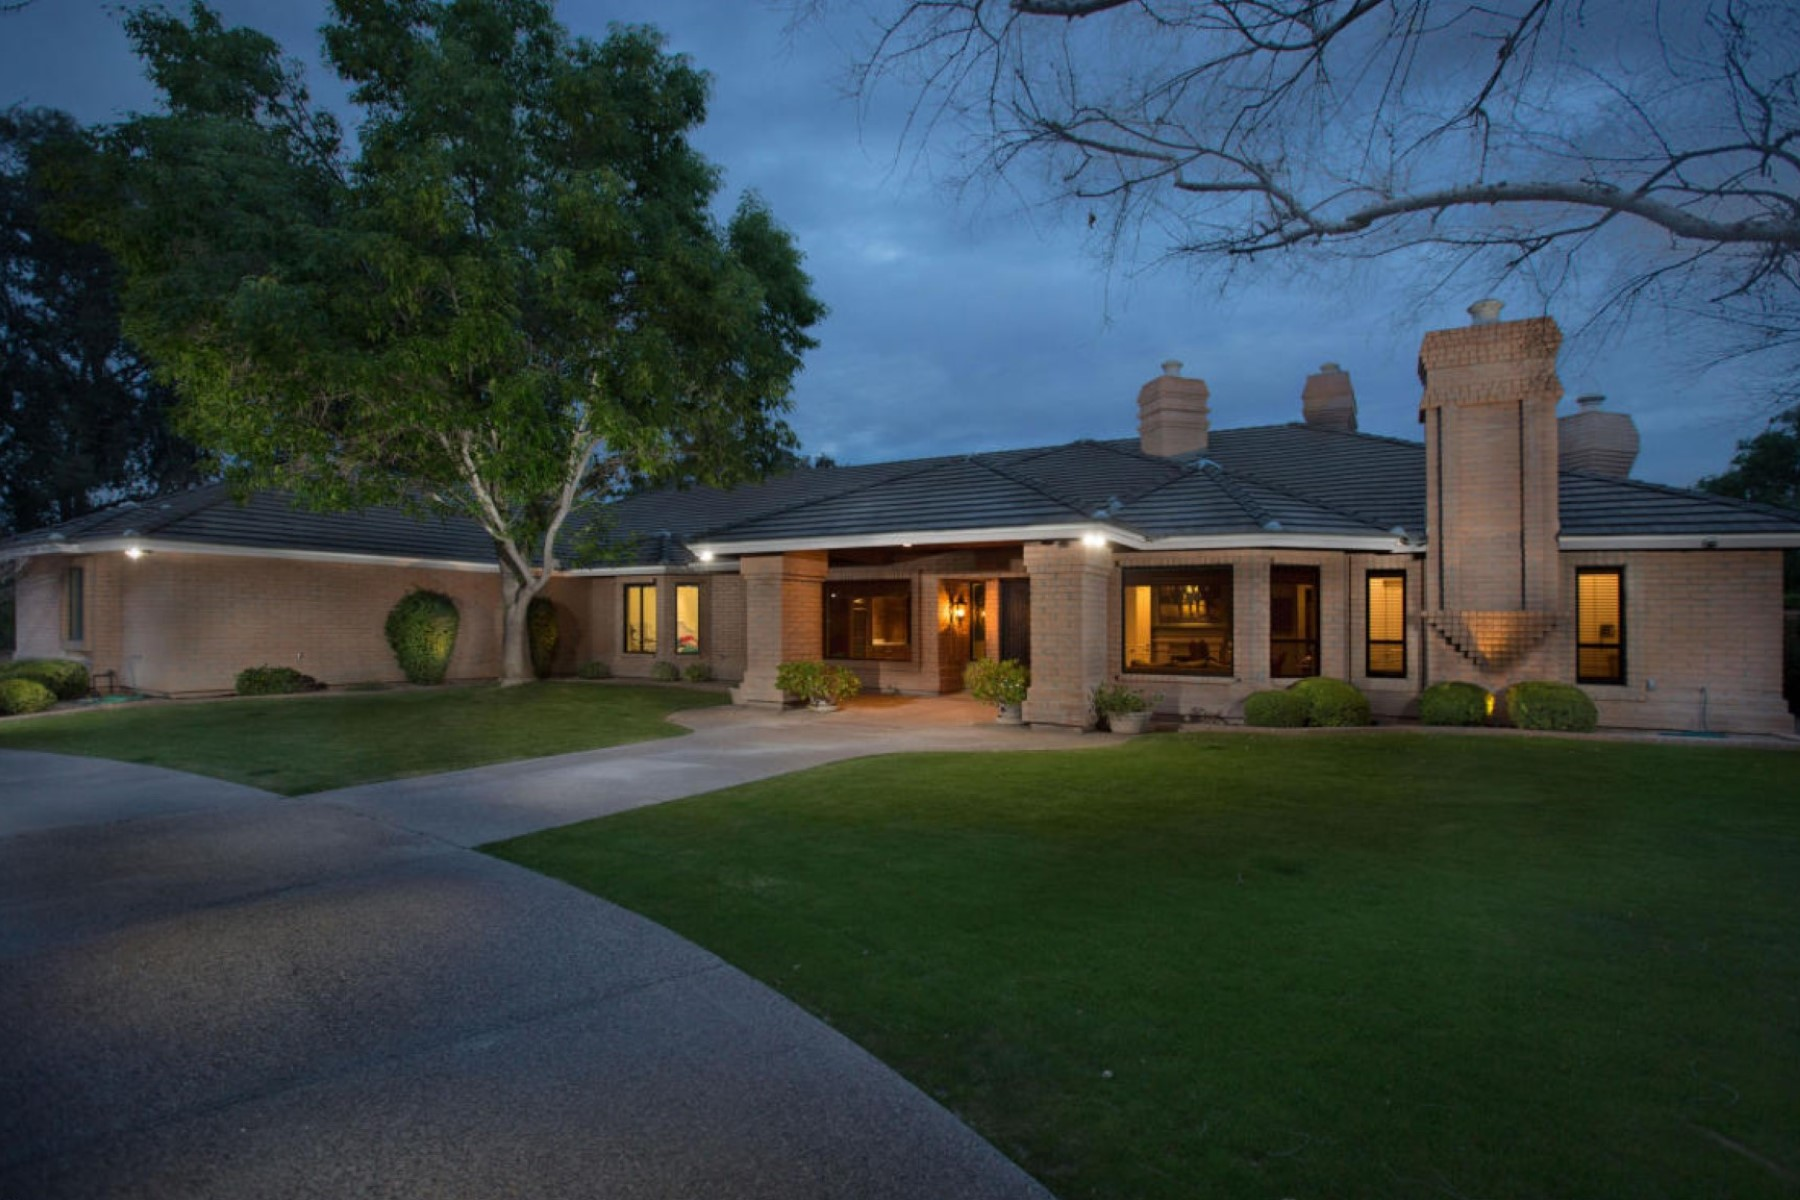 Casa Unifamiliar por un Venta en Recently Upgraded Paradise Valley Gated Estate 7711 N Invergordon Rd Paradise Valley, Arizona 85253 Estados Unidos